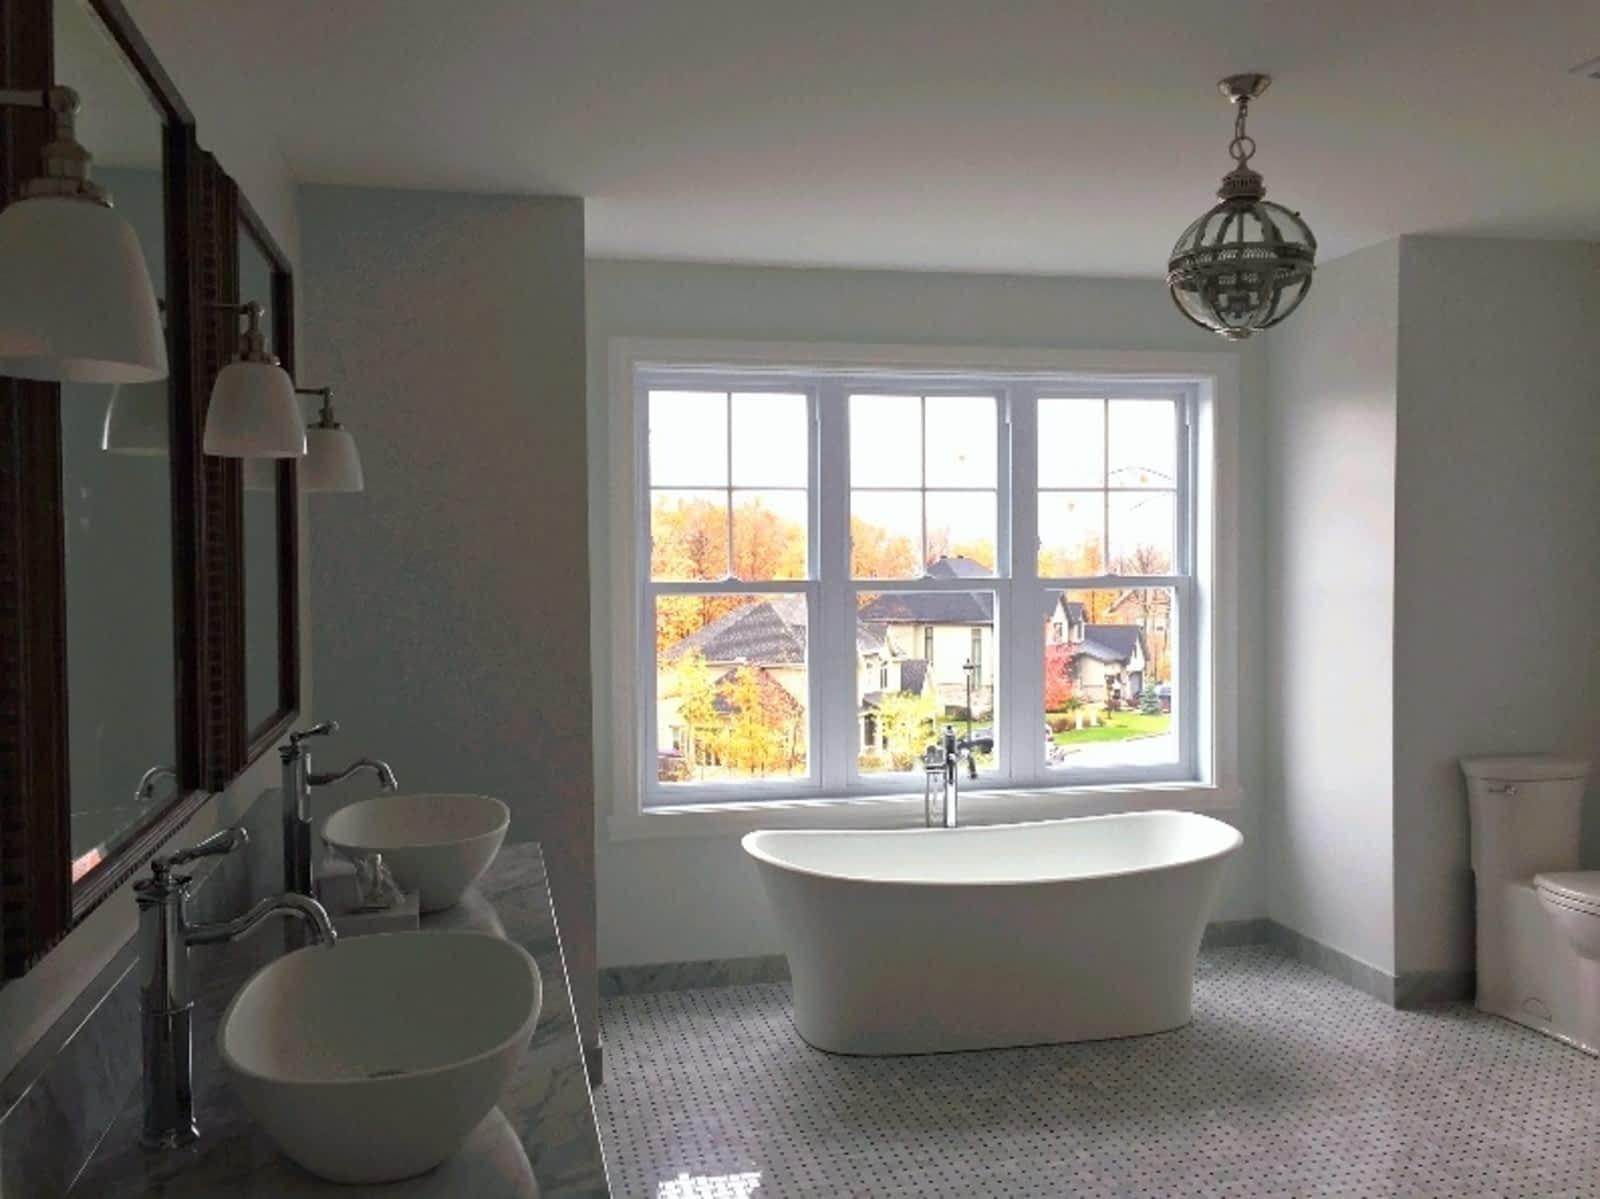 interieur designer with interieur designer. Black Bedroom Furniture Sets. Home Design Ideas